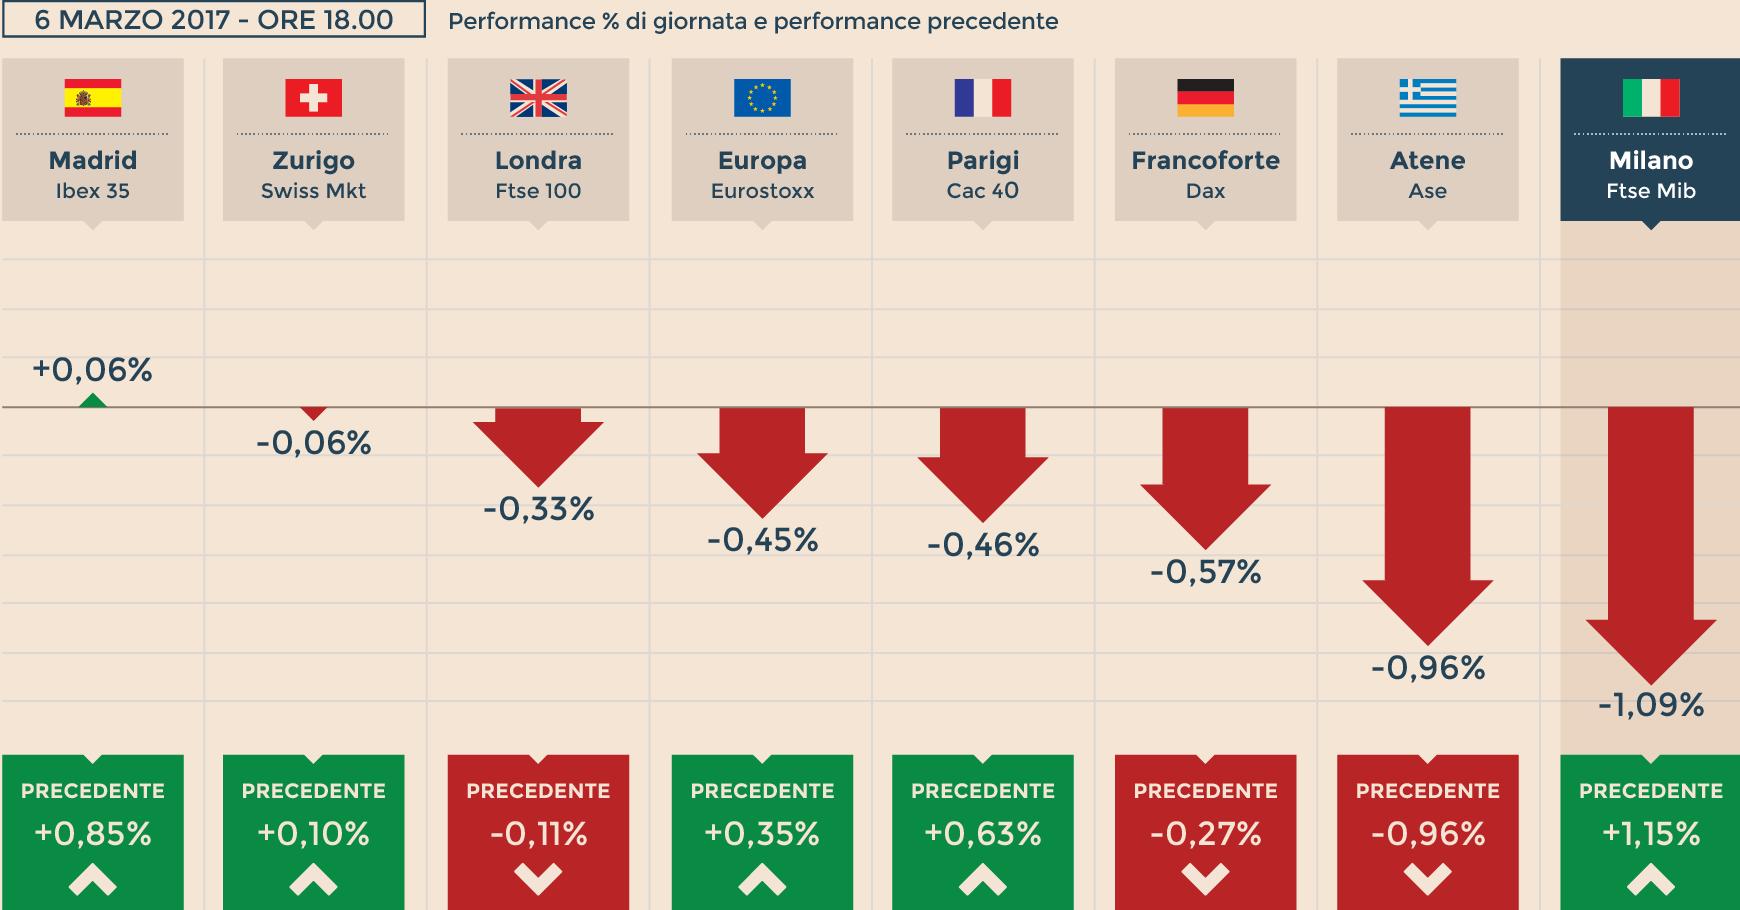 ba7c5e00c9 Europa aspetta stretta Fed. Milano la peggiore (-1%), corre Poste ...